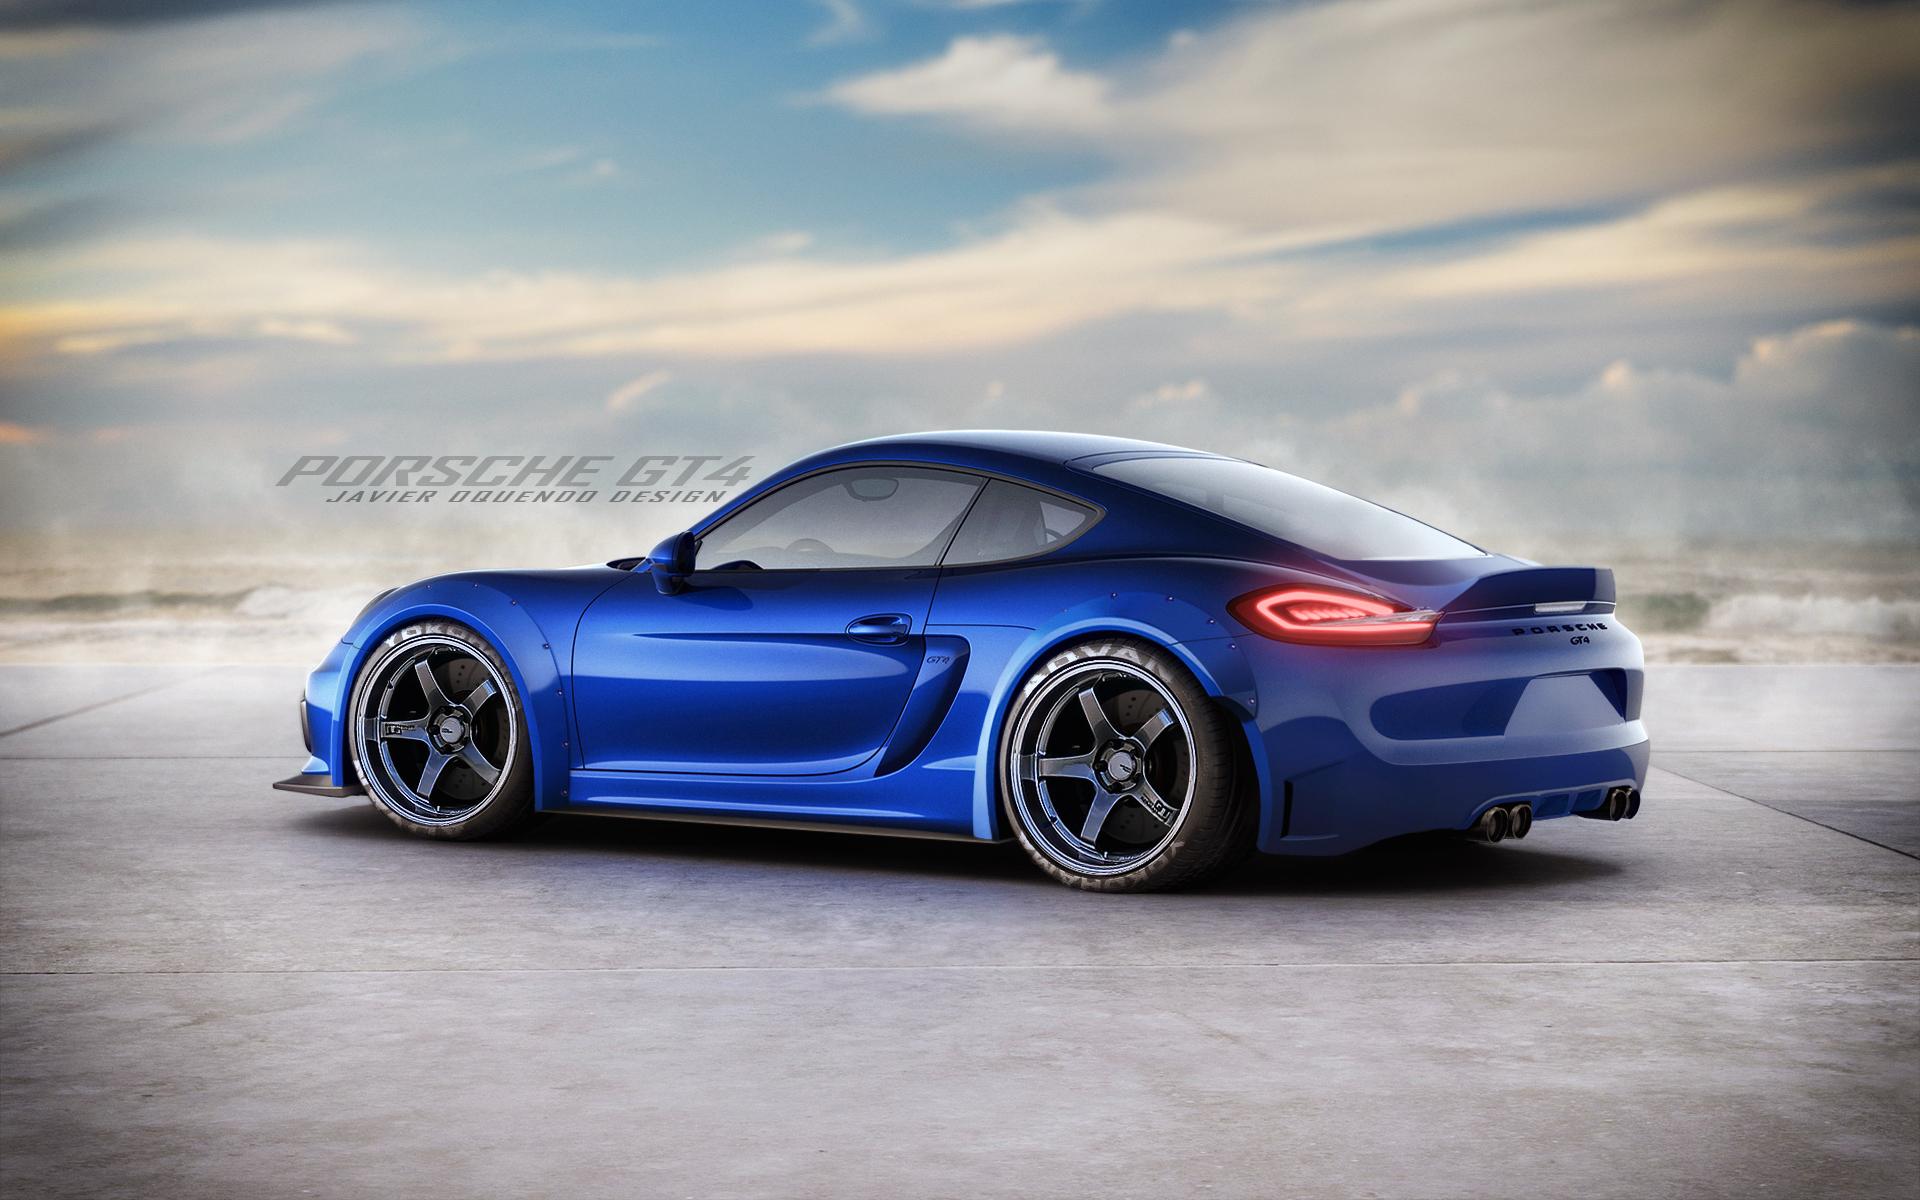 Porsche Cayman GT4 by javieroquendodesign on DeviantArt